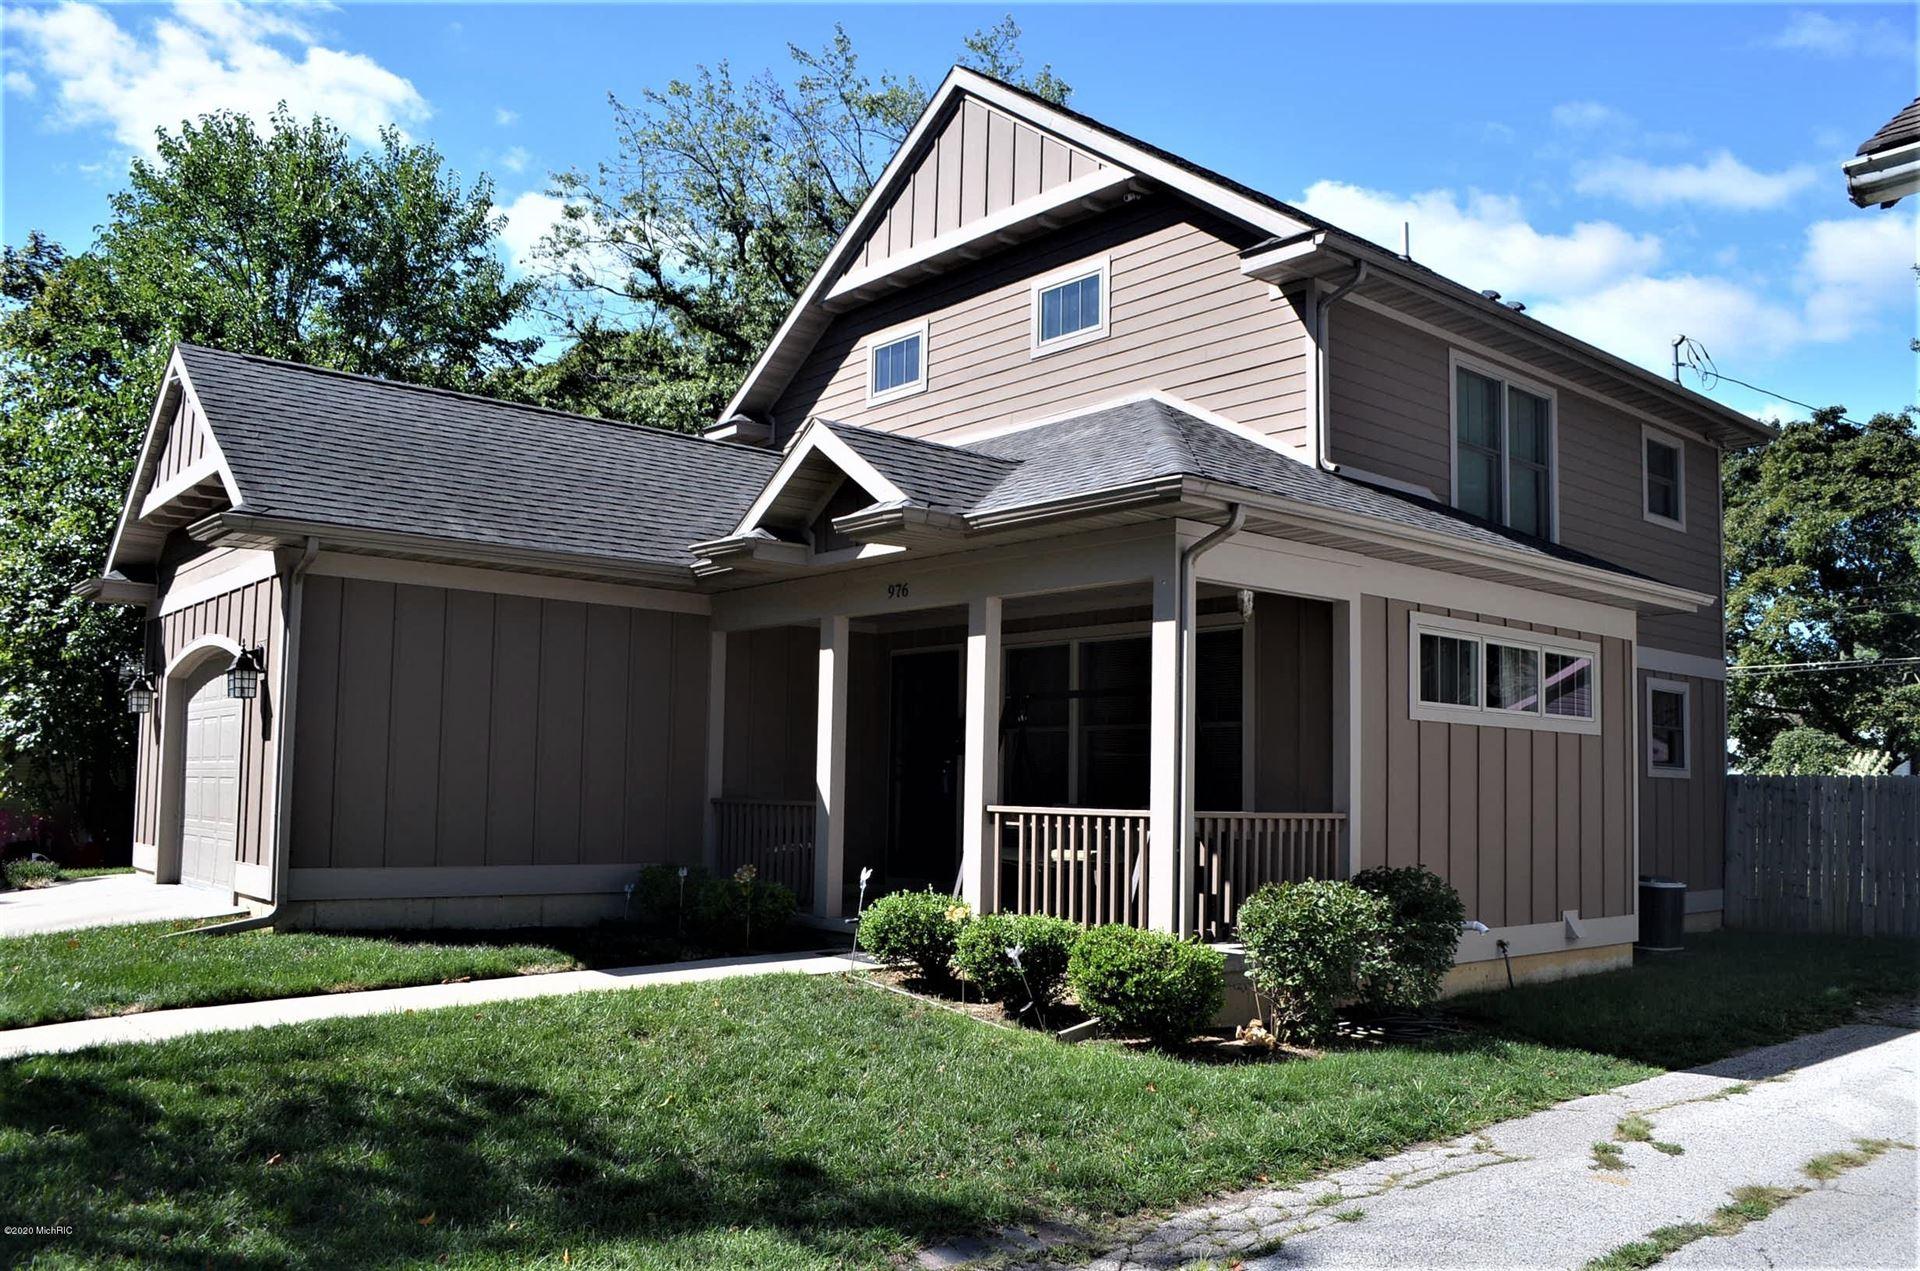 976 Monroe Street, Benton Harbor, MI 49022 - MLS#: 20036851